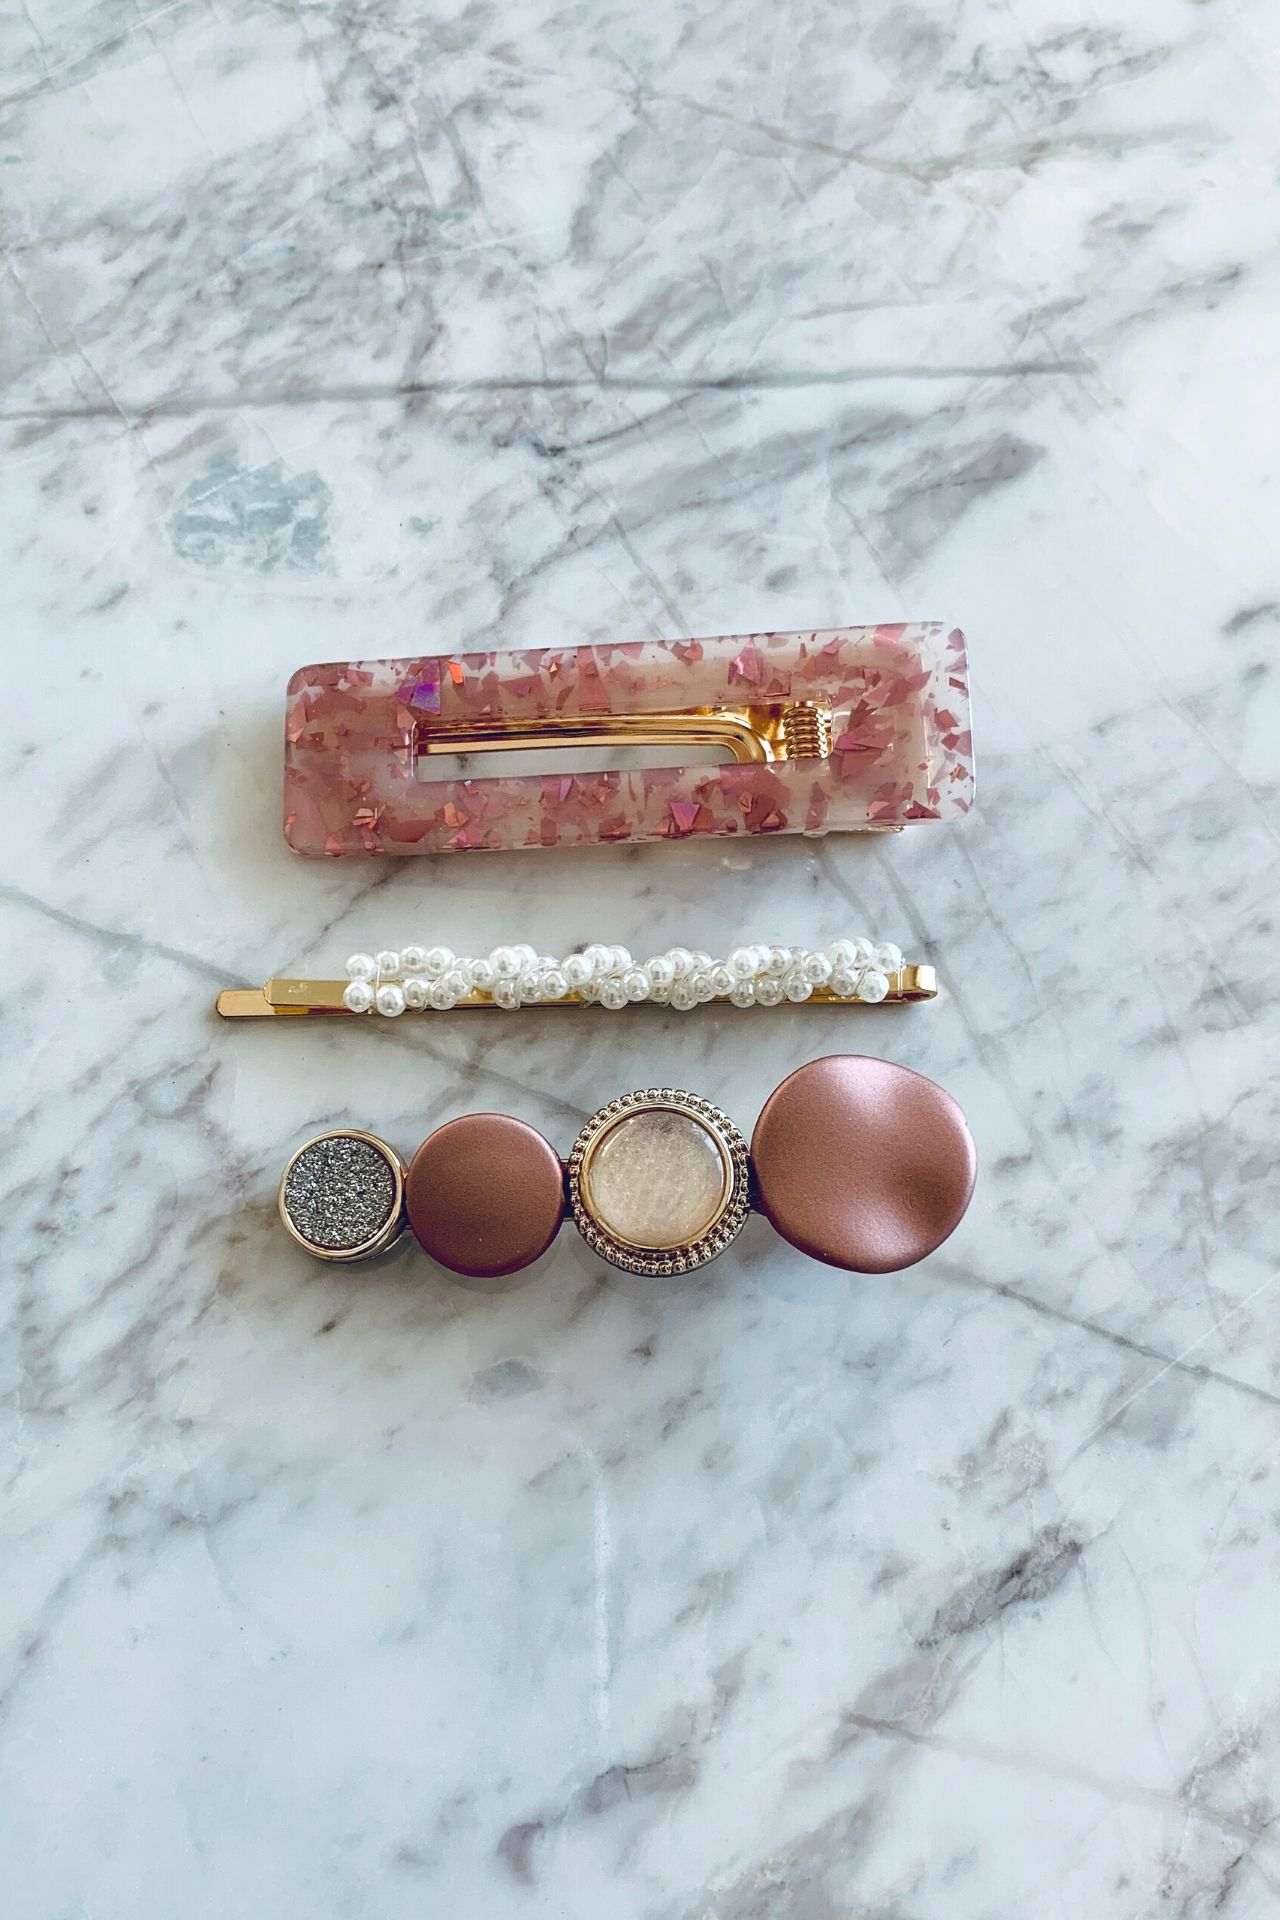 Pack de 3 ganchitos geométricos con diseño.  Tamaño: largo de 6 cm.  Incluye:  1 ganchito largo con perlitas pequeñas.  1 ganchito largo rosado  1 ganchito geométrico  Los colores de este pack son los de imagen.